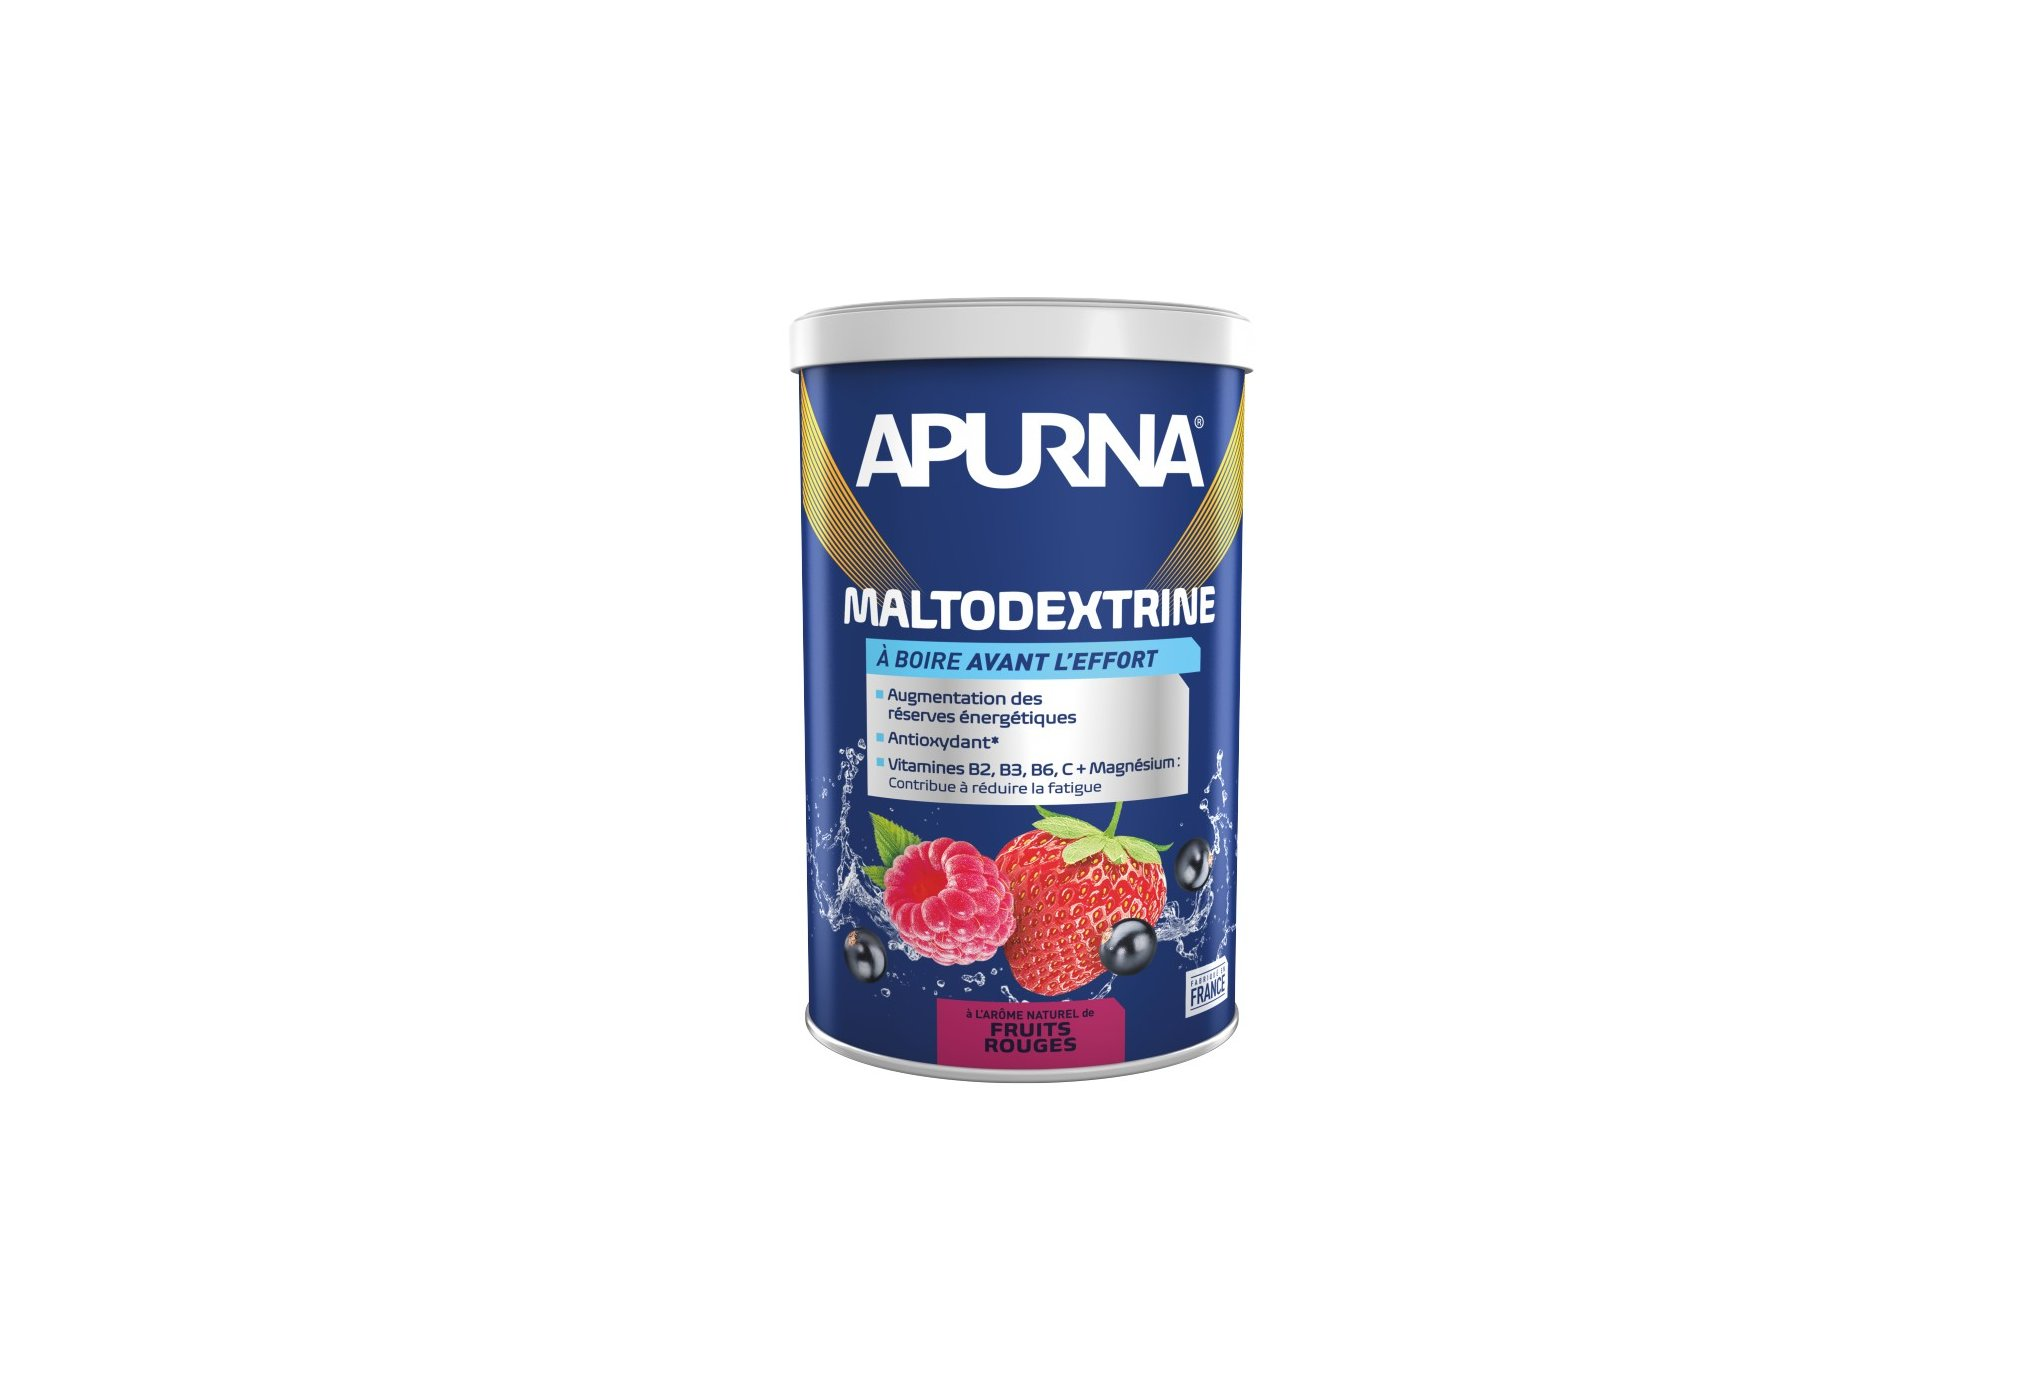 Apurna Boisson Maltodextrine - Fruits rouges Diététique Préparation